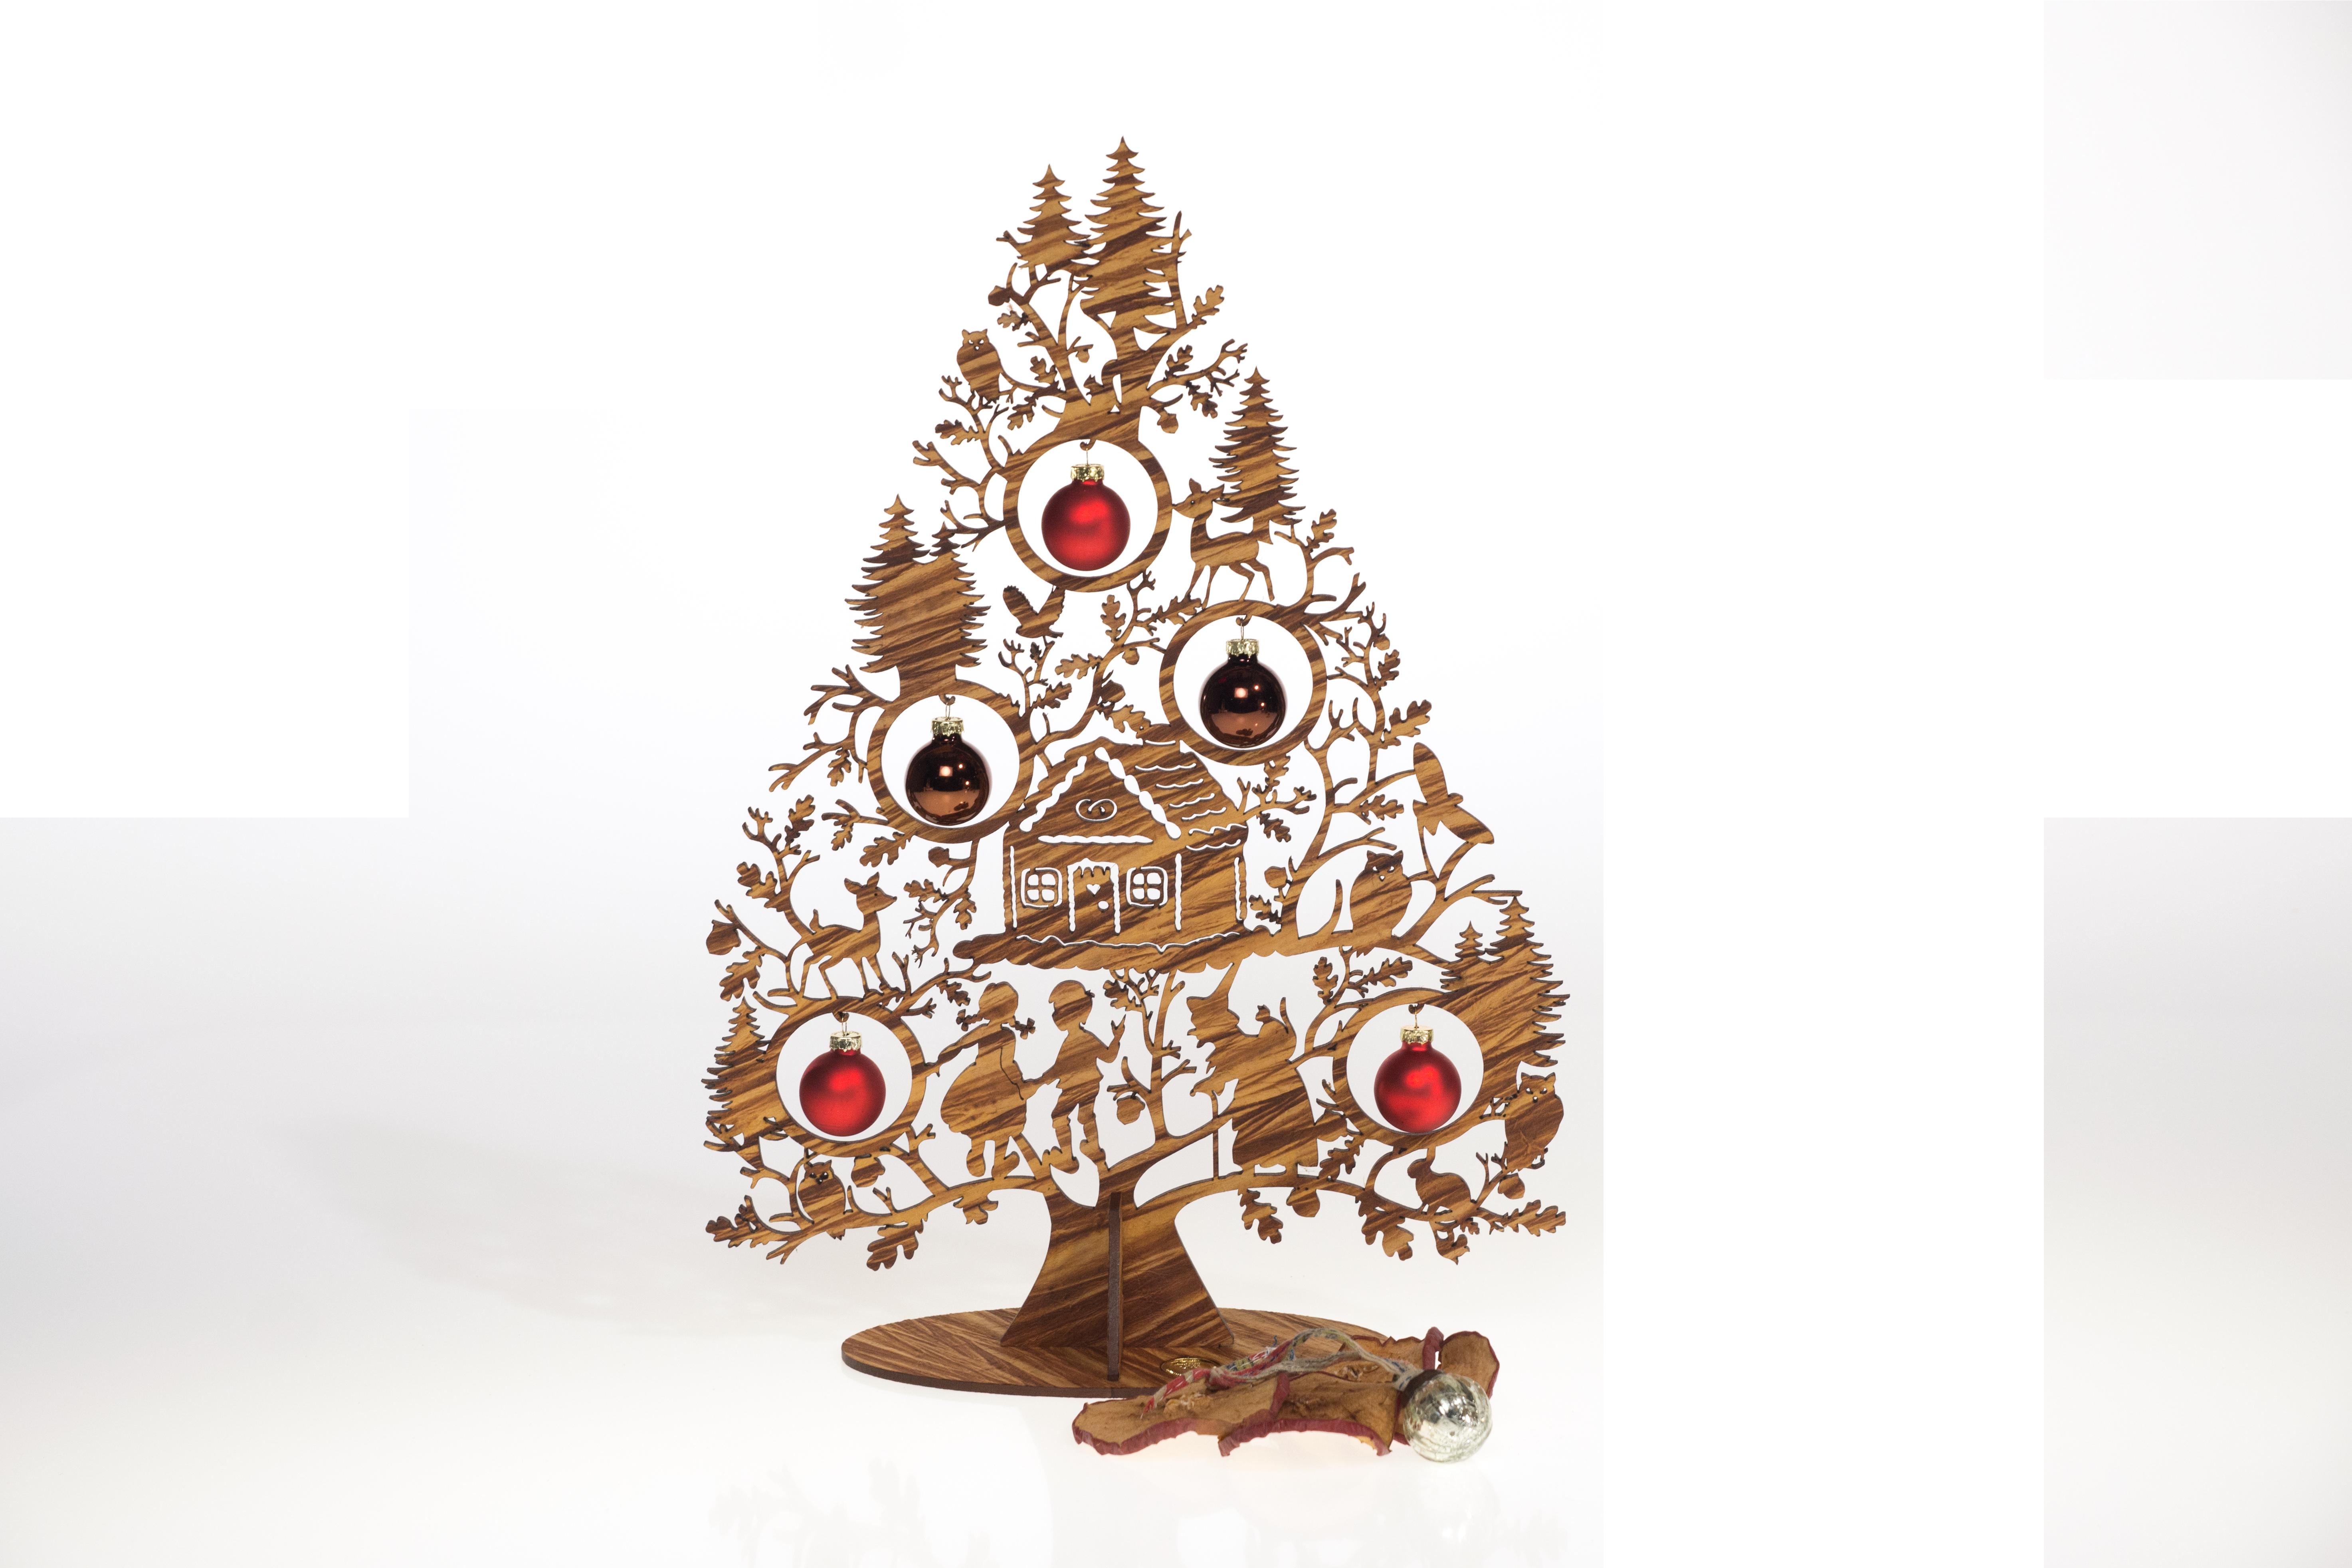 Weihnachtsschmuck: Weihnachtskerzen